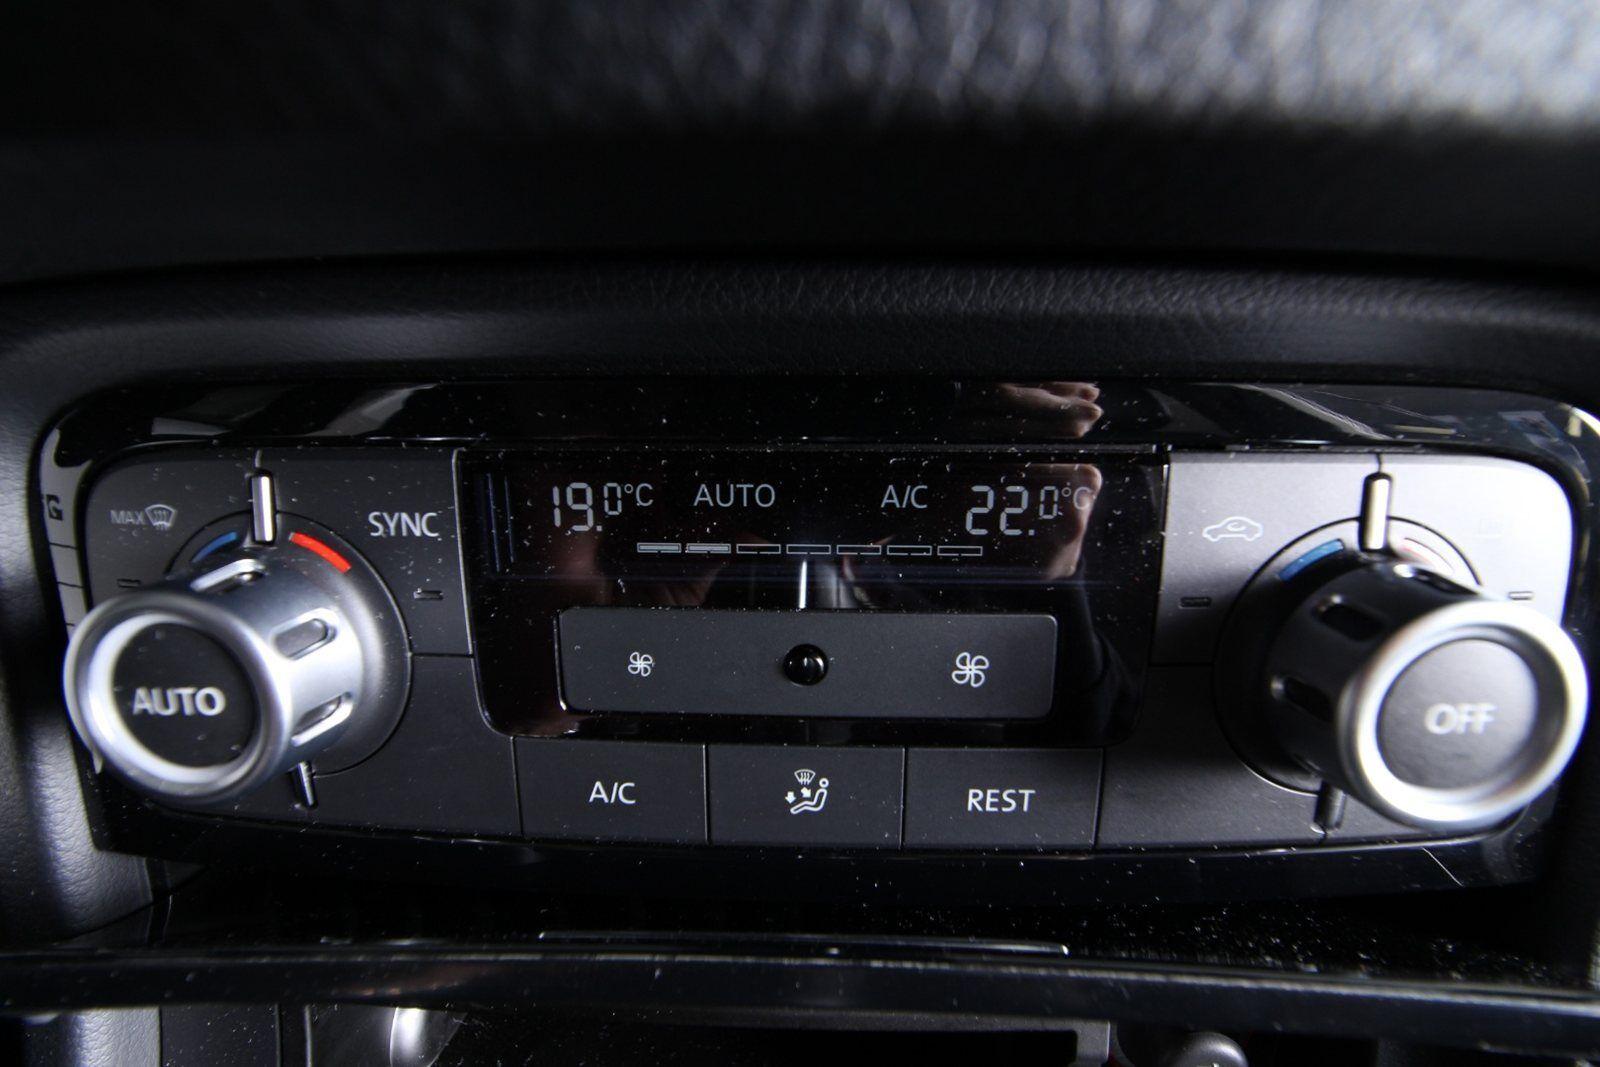 VW Touareg V6 TDi 204 Tiptr. 4M